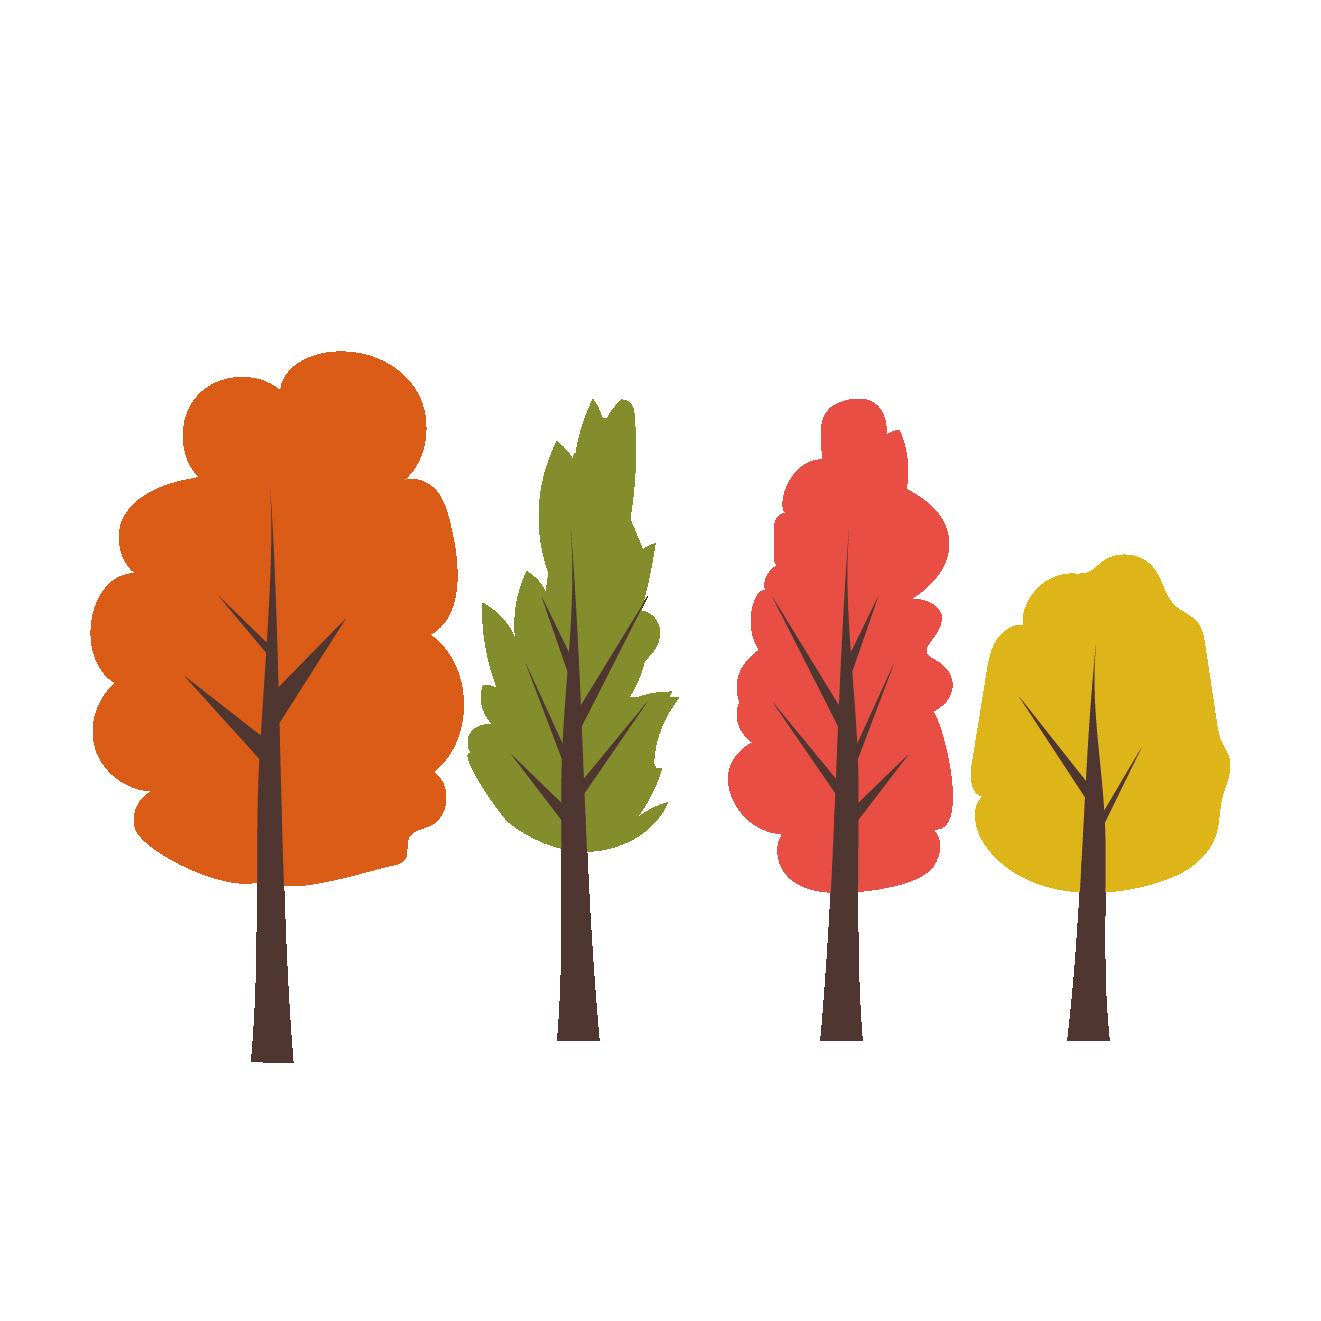 紅葉している 木 の かわいい無料 イラスト植物グリーン秋